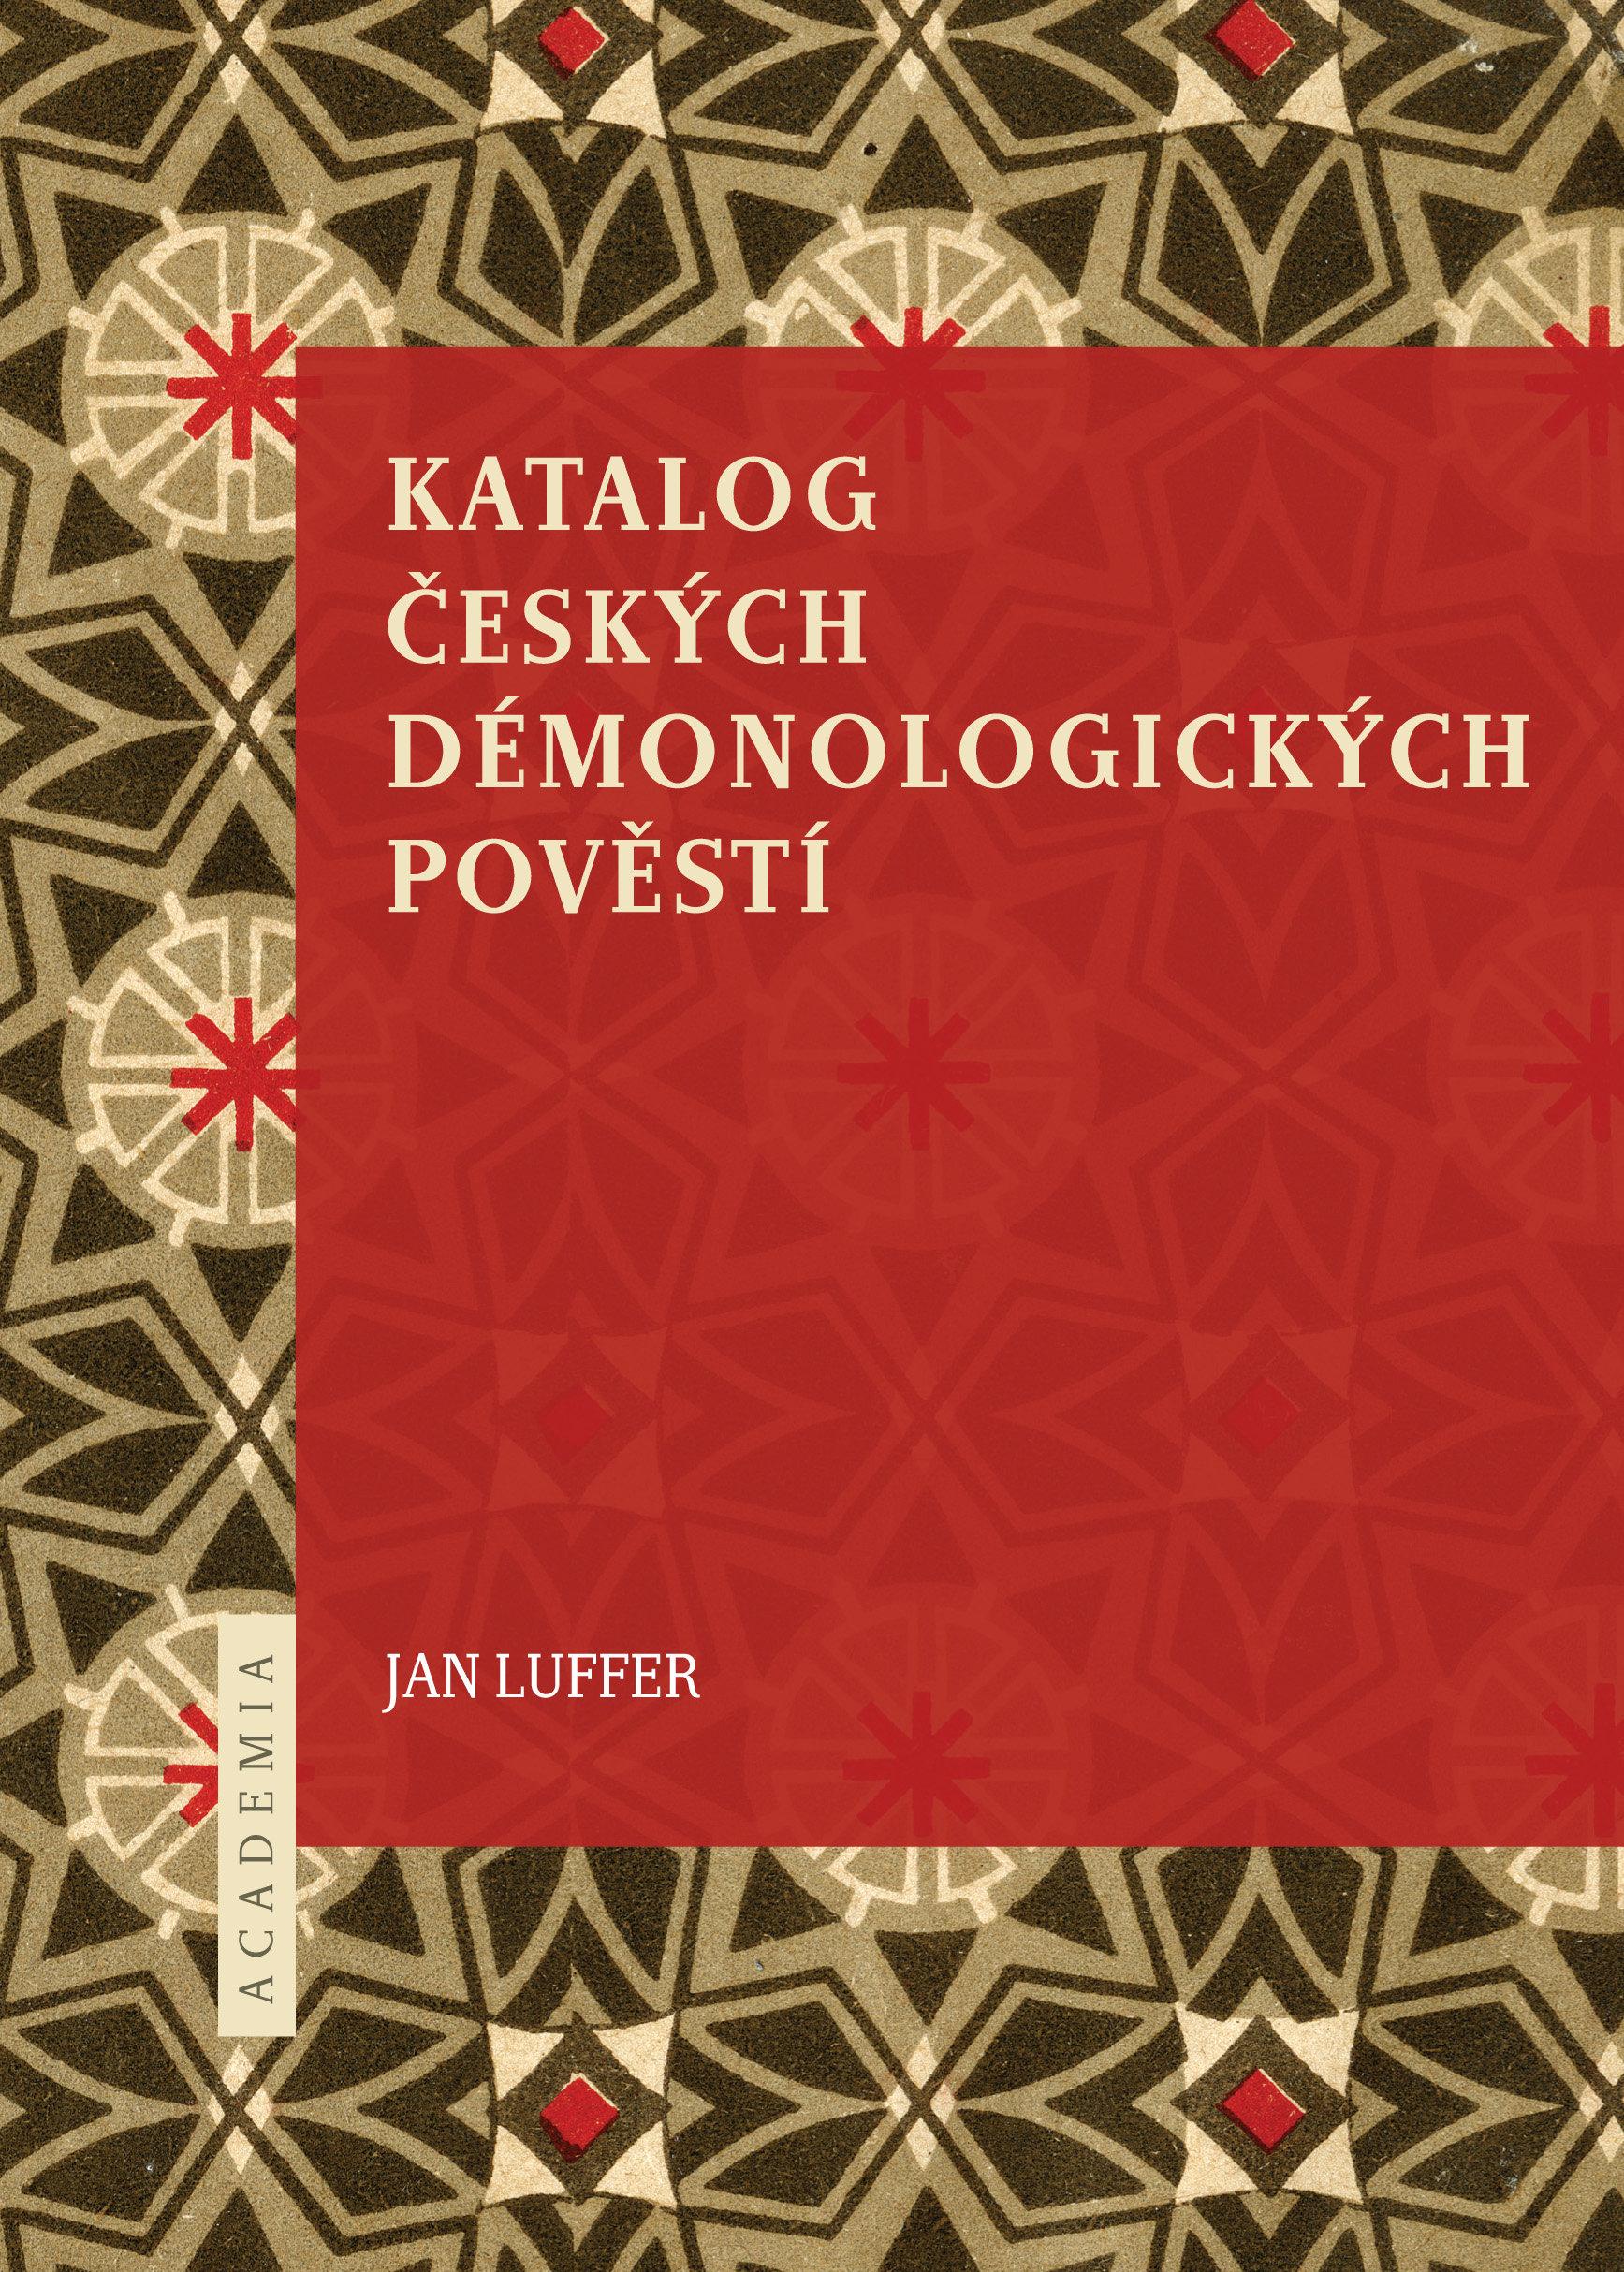 Jan Luffer: Katalog českých démonologických pověstí (Academia, Praha 2014)